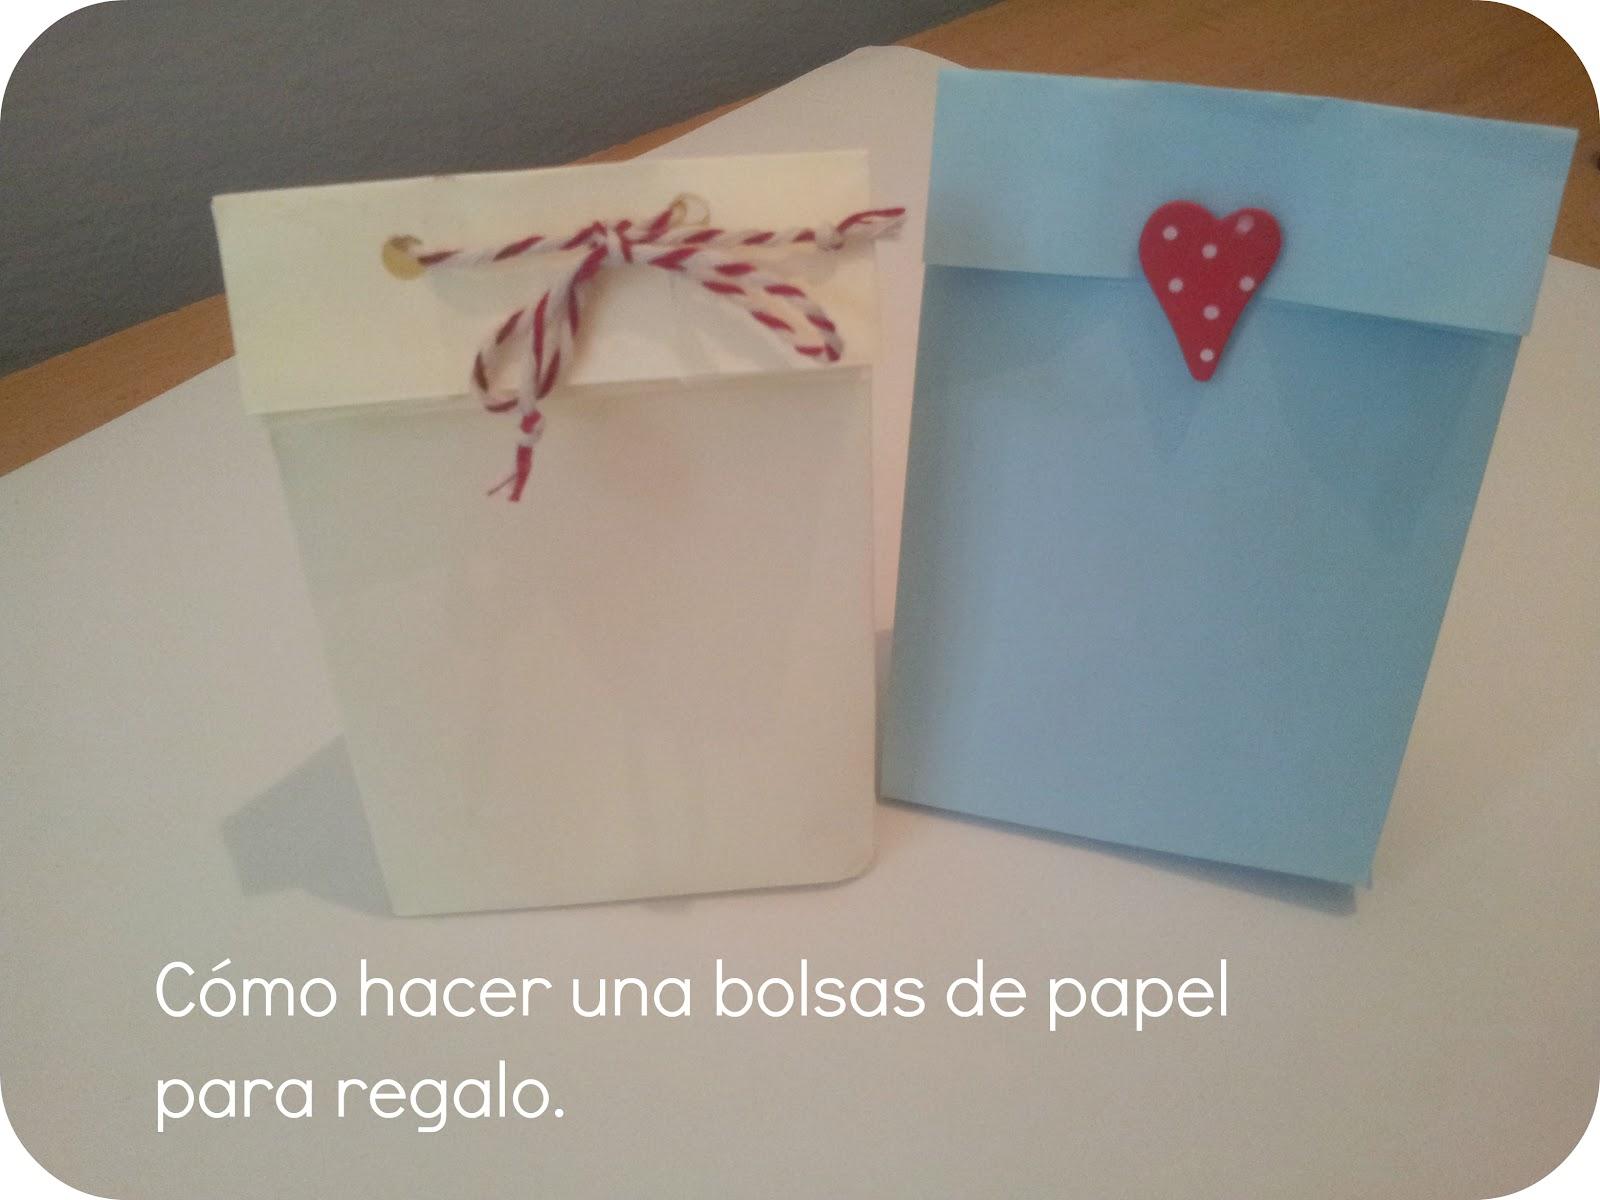 ae2113f49 Srta Pomelo: Tutorial: cómo hacer unas bolsas de papel para regalo.